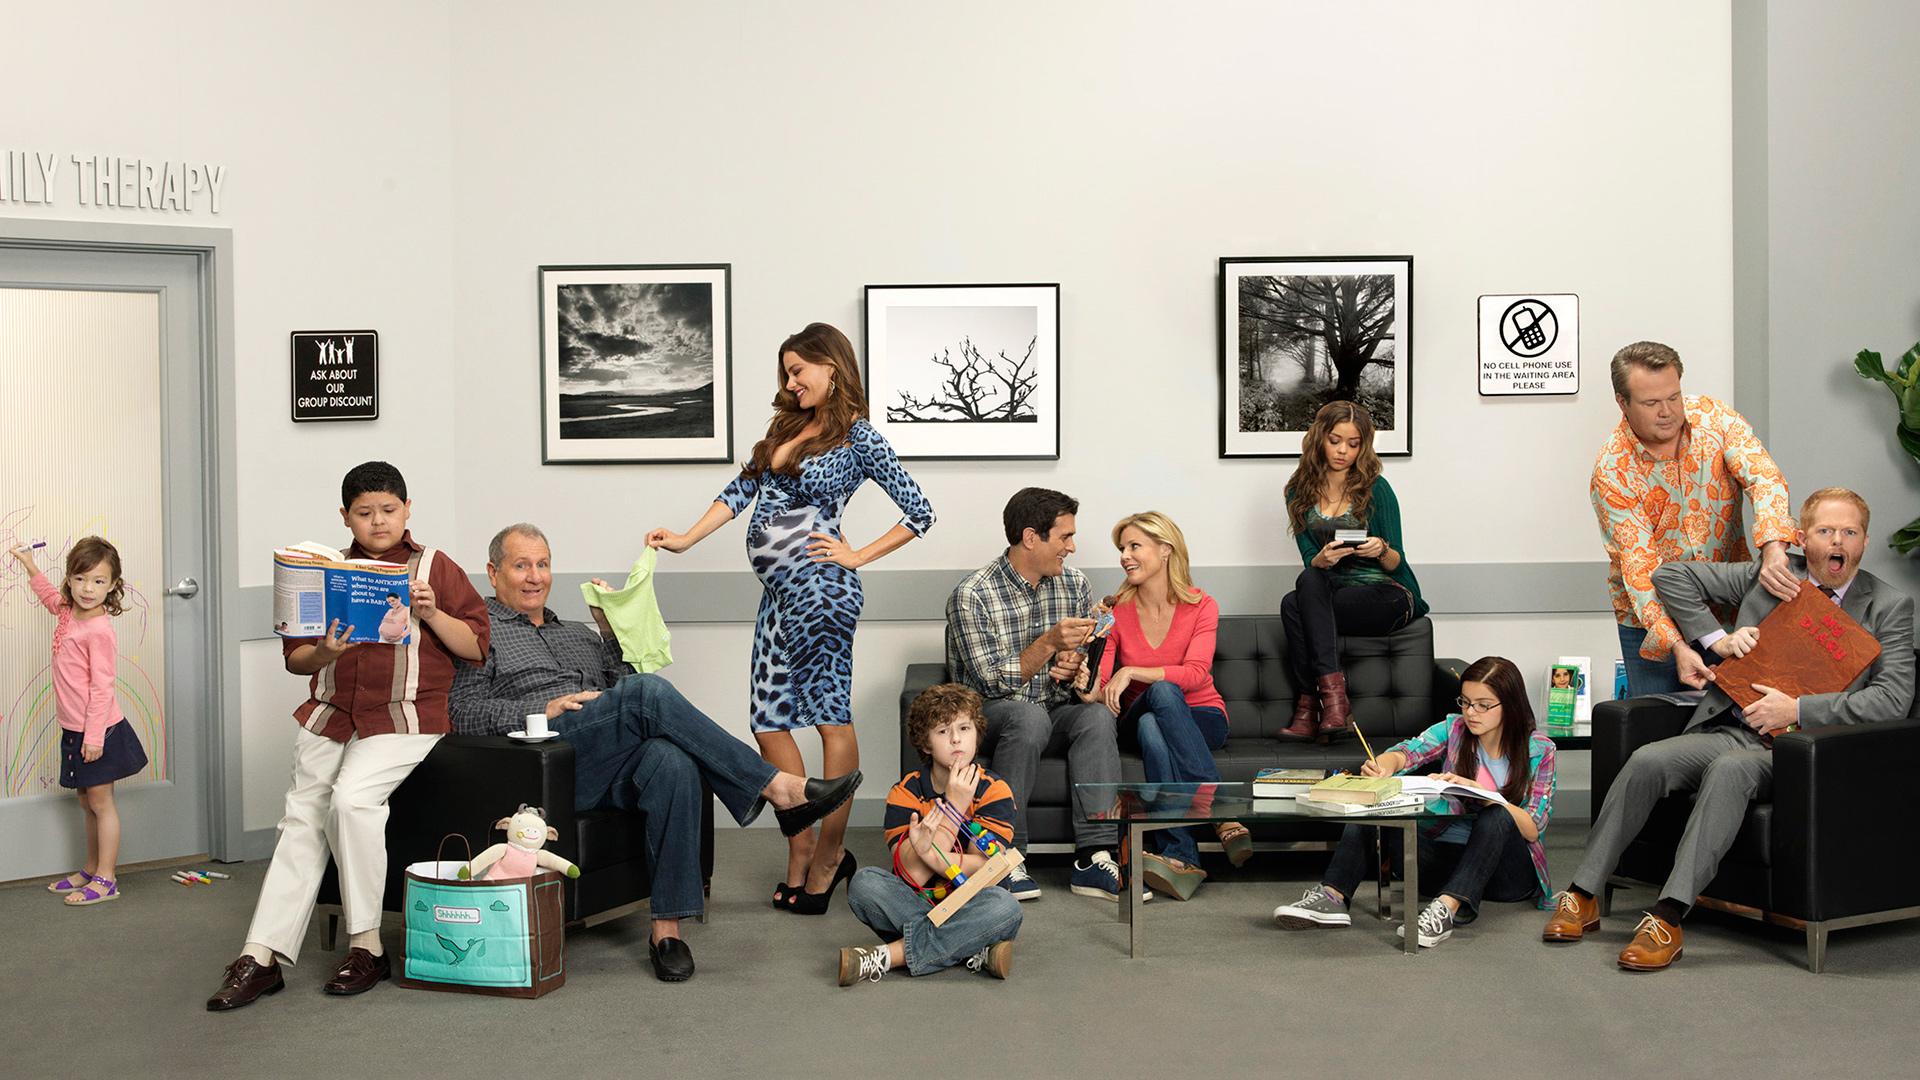 TV Show - Modern Family Wallpaper